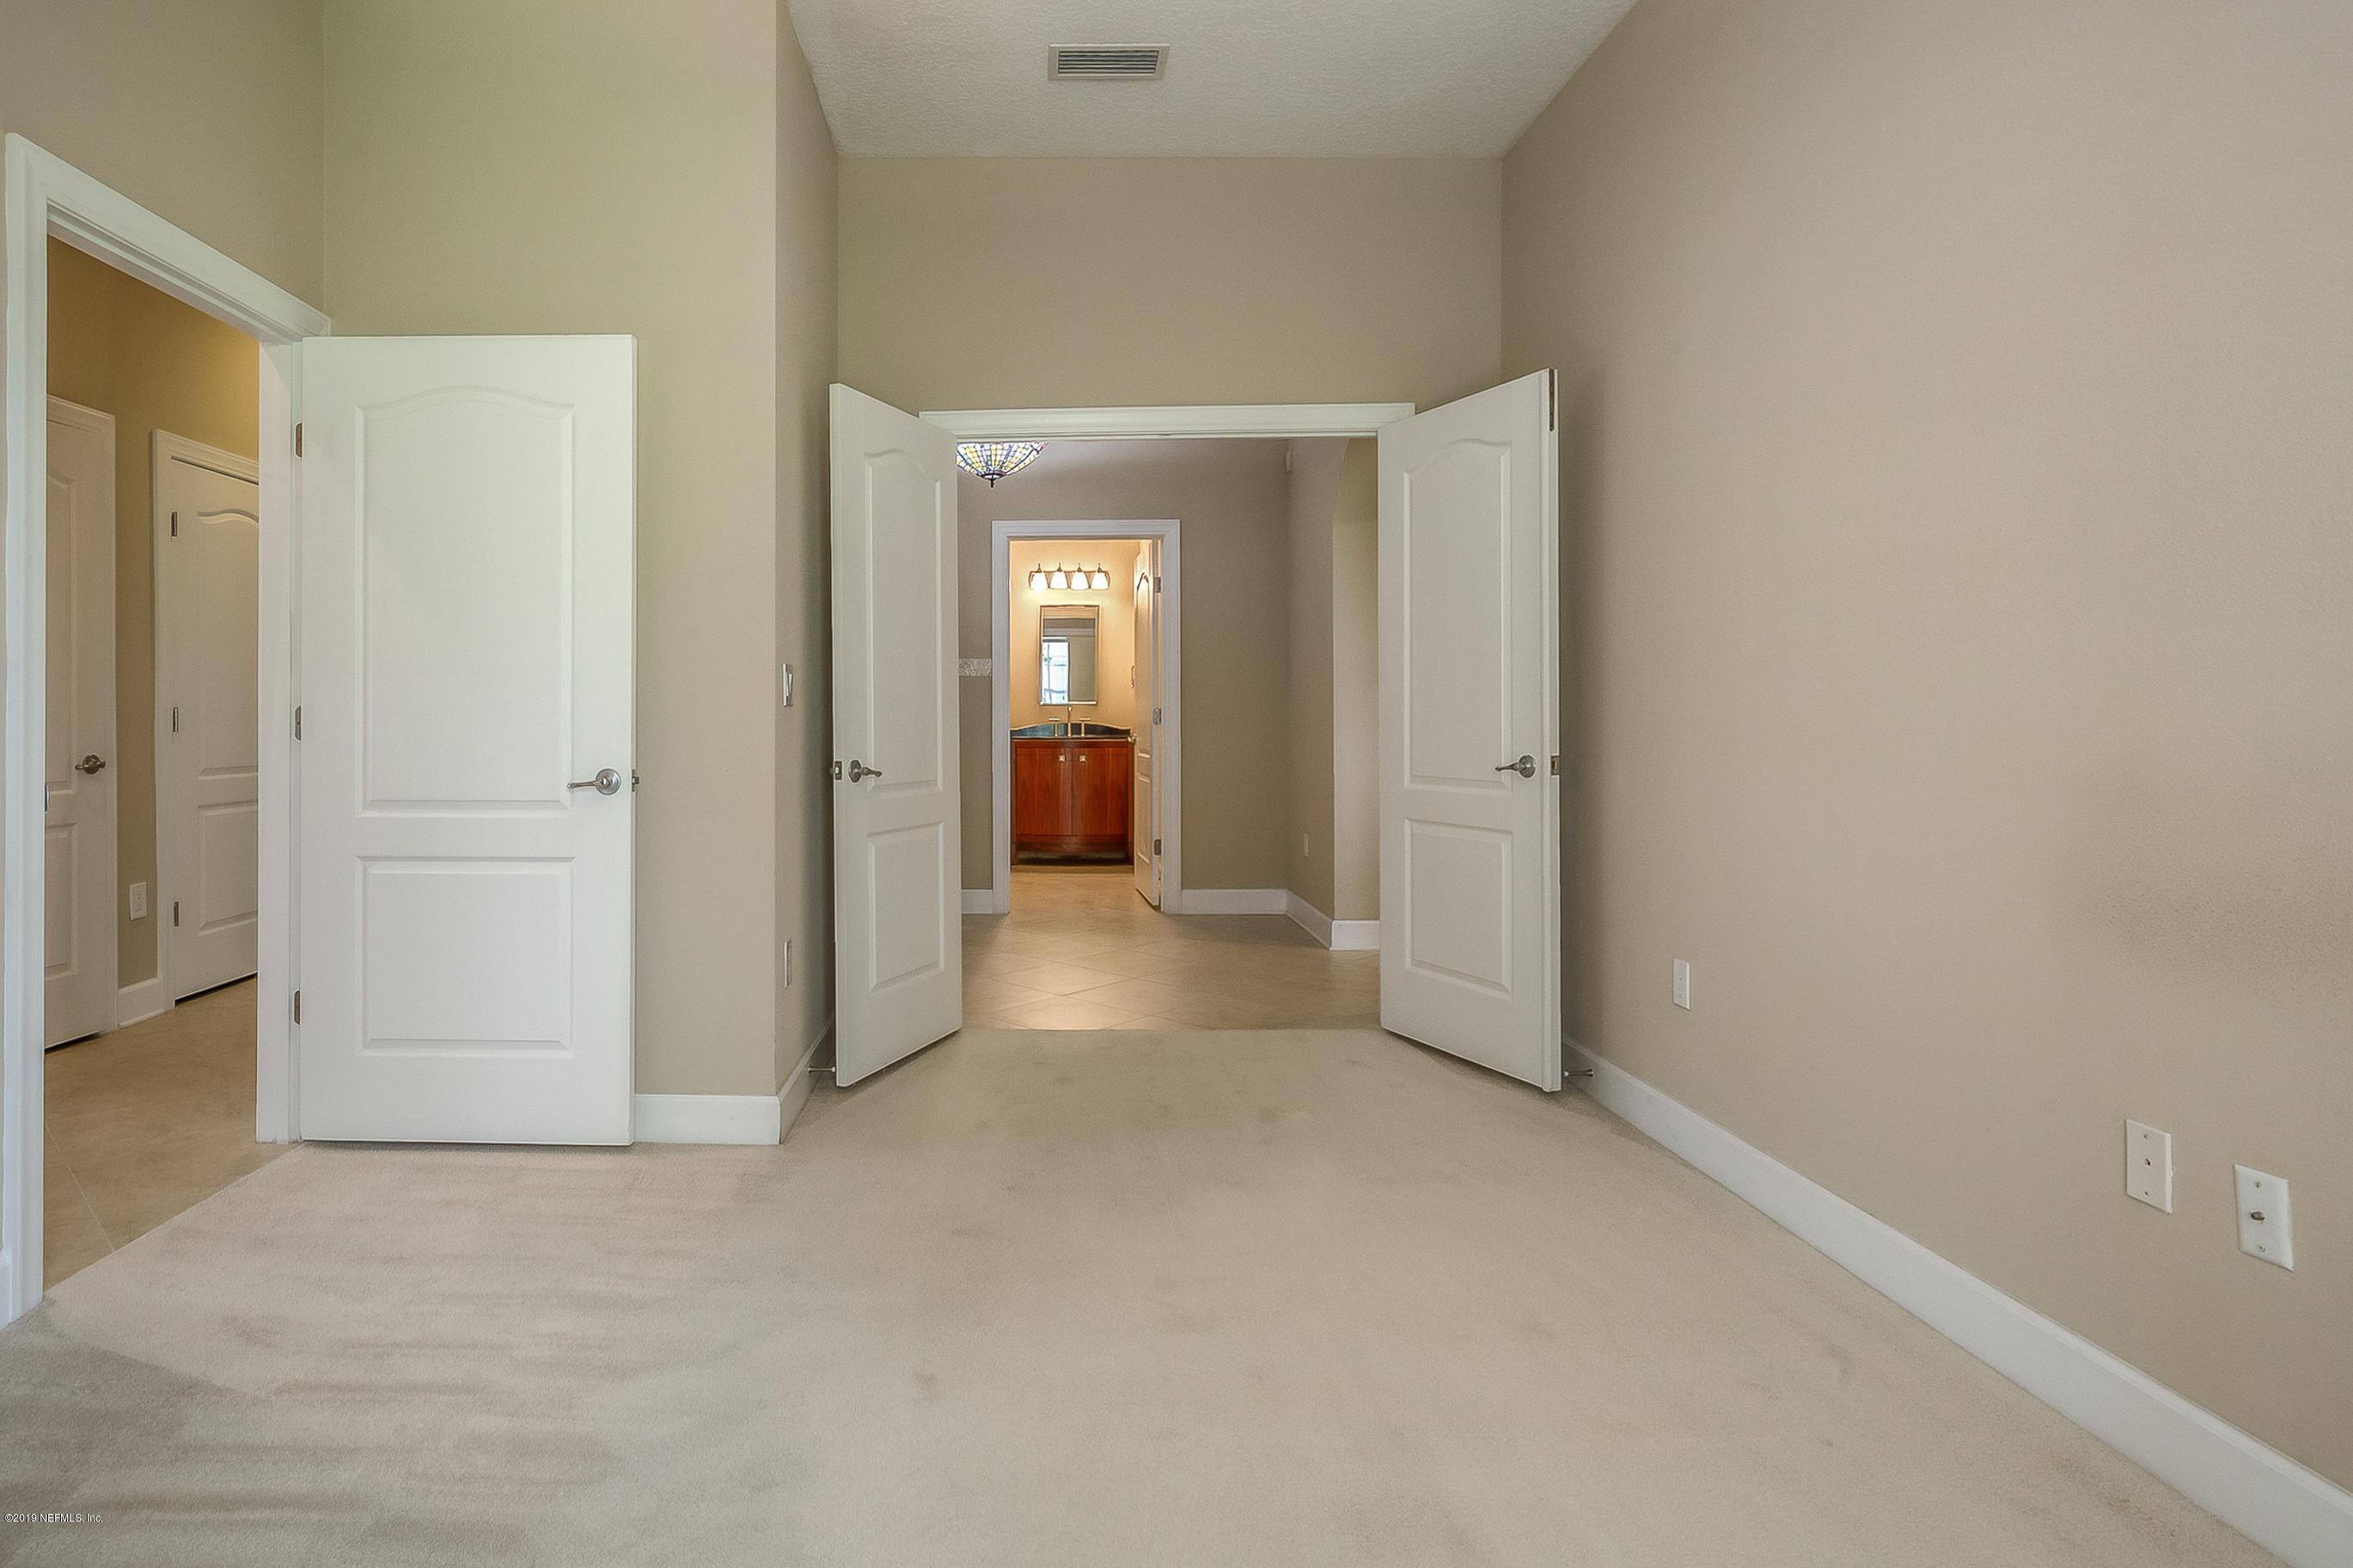 13846 ATLANTIC, JACKSONVILLE, FLORIDA 32225, 3 Bedrooms Bedrooms, ,3 BathroomsBathrooms,Condo,For sale,ATLANTIC,1007027